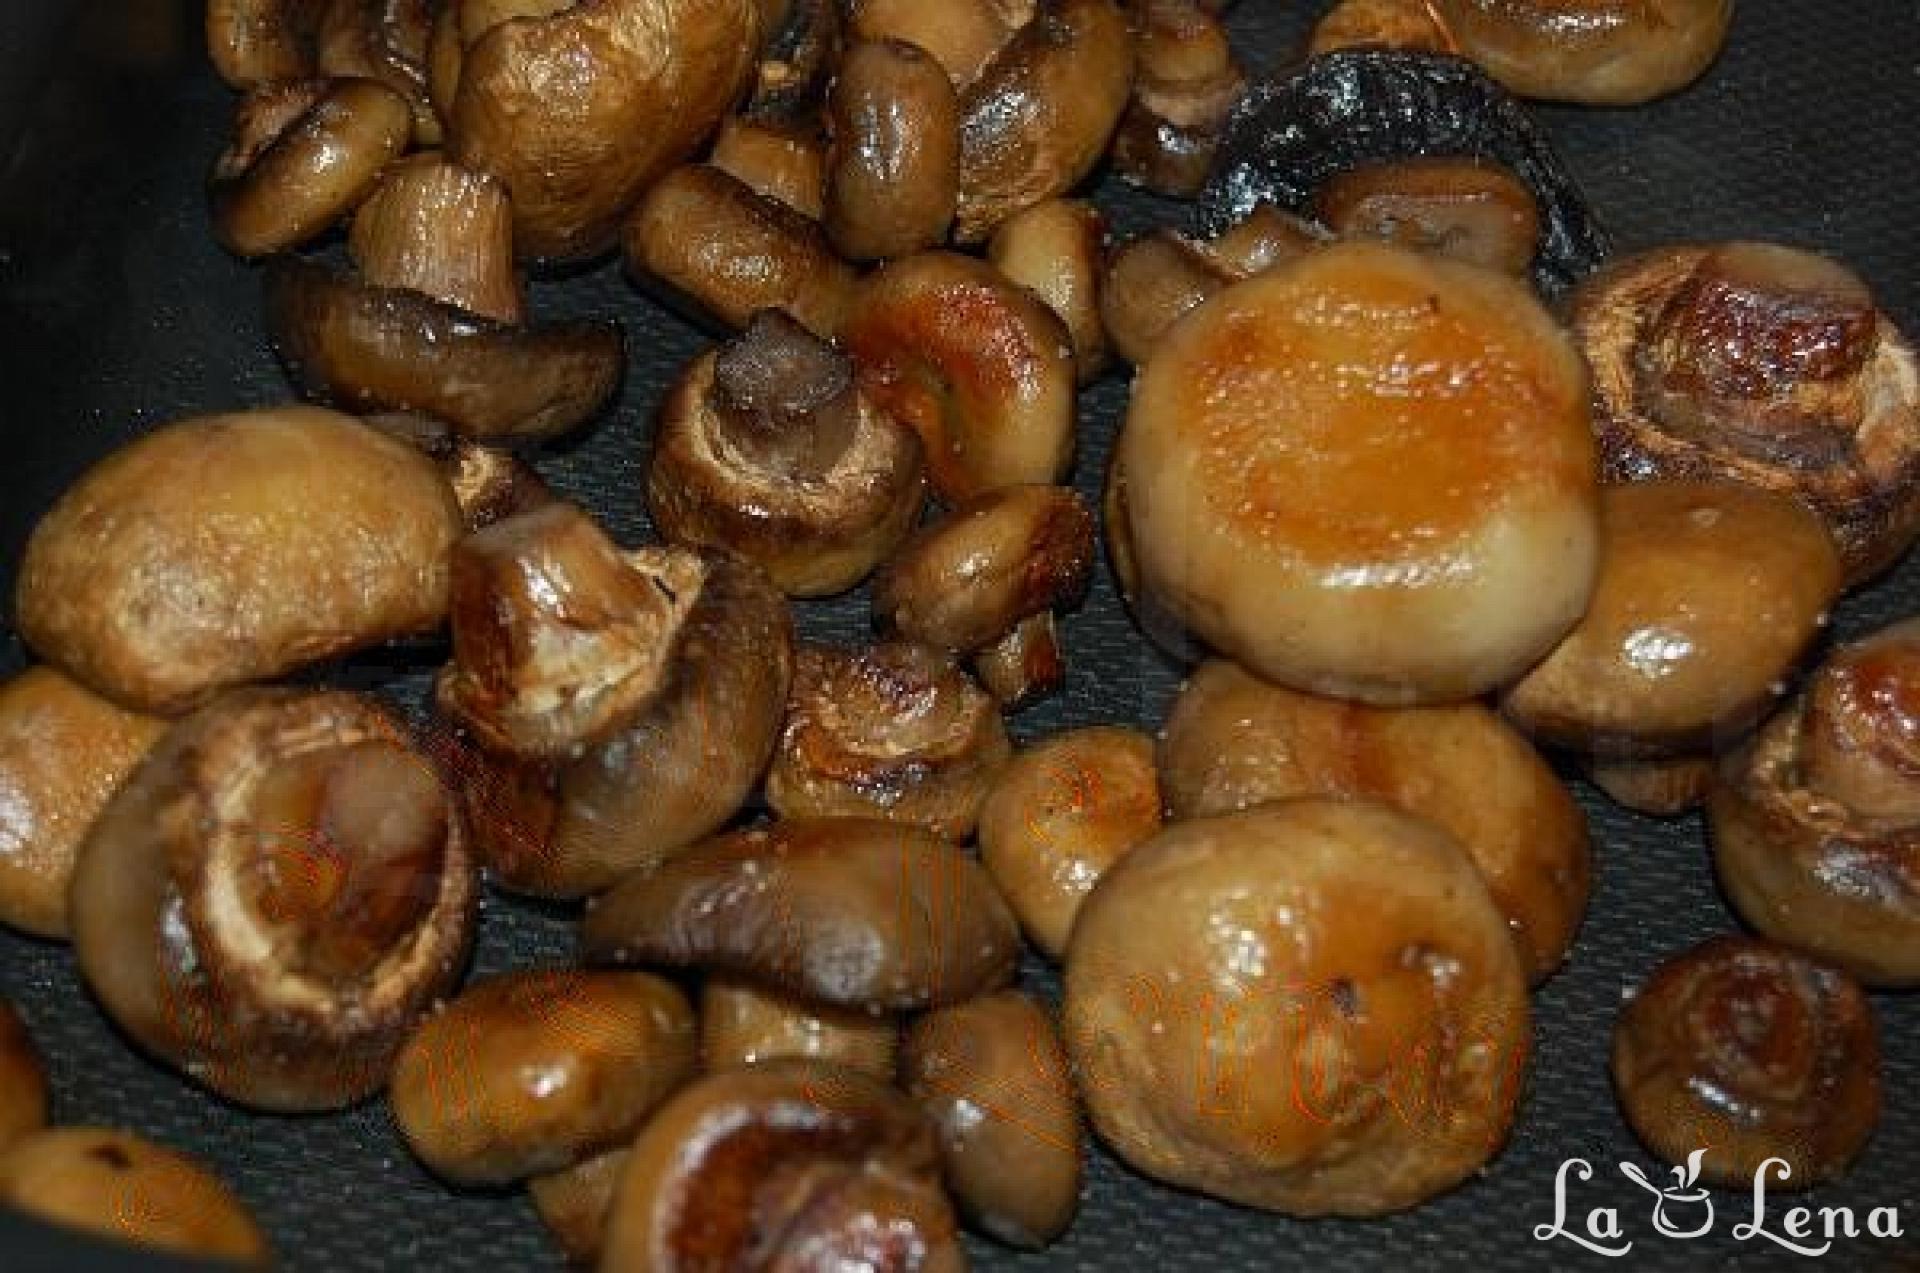 ciuperci taiate la cuptor)